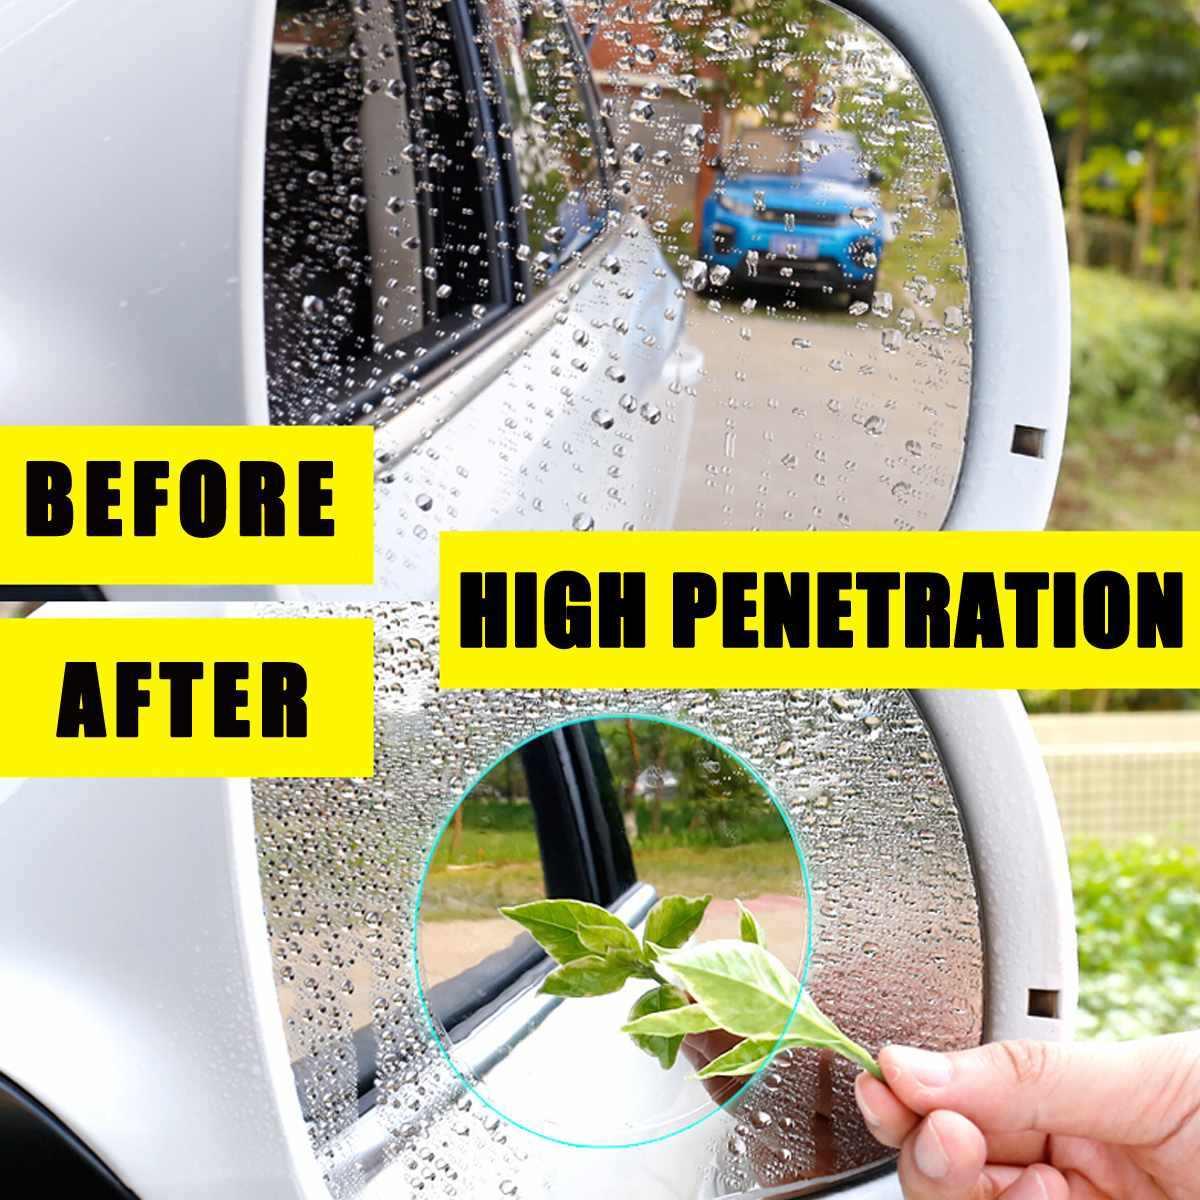 1х автомобильный мотоцикл заднего вида HD противотуманная непромокаемая Пылезащитная Водонепроницаемая зеркальная защитная пленка для домашних животных прозрачная наклейка